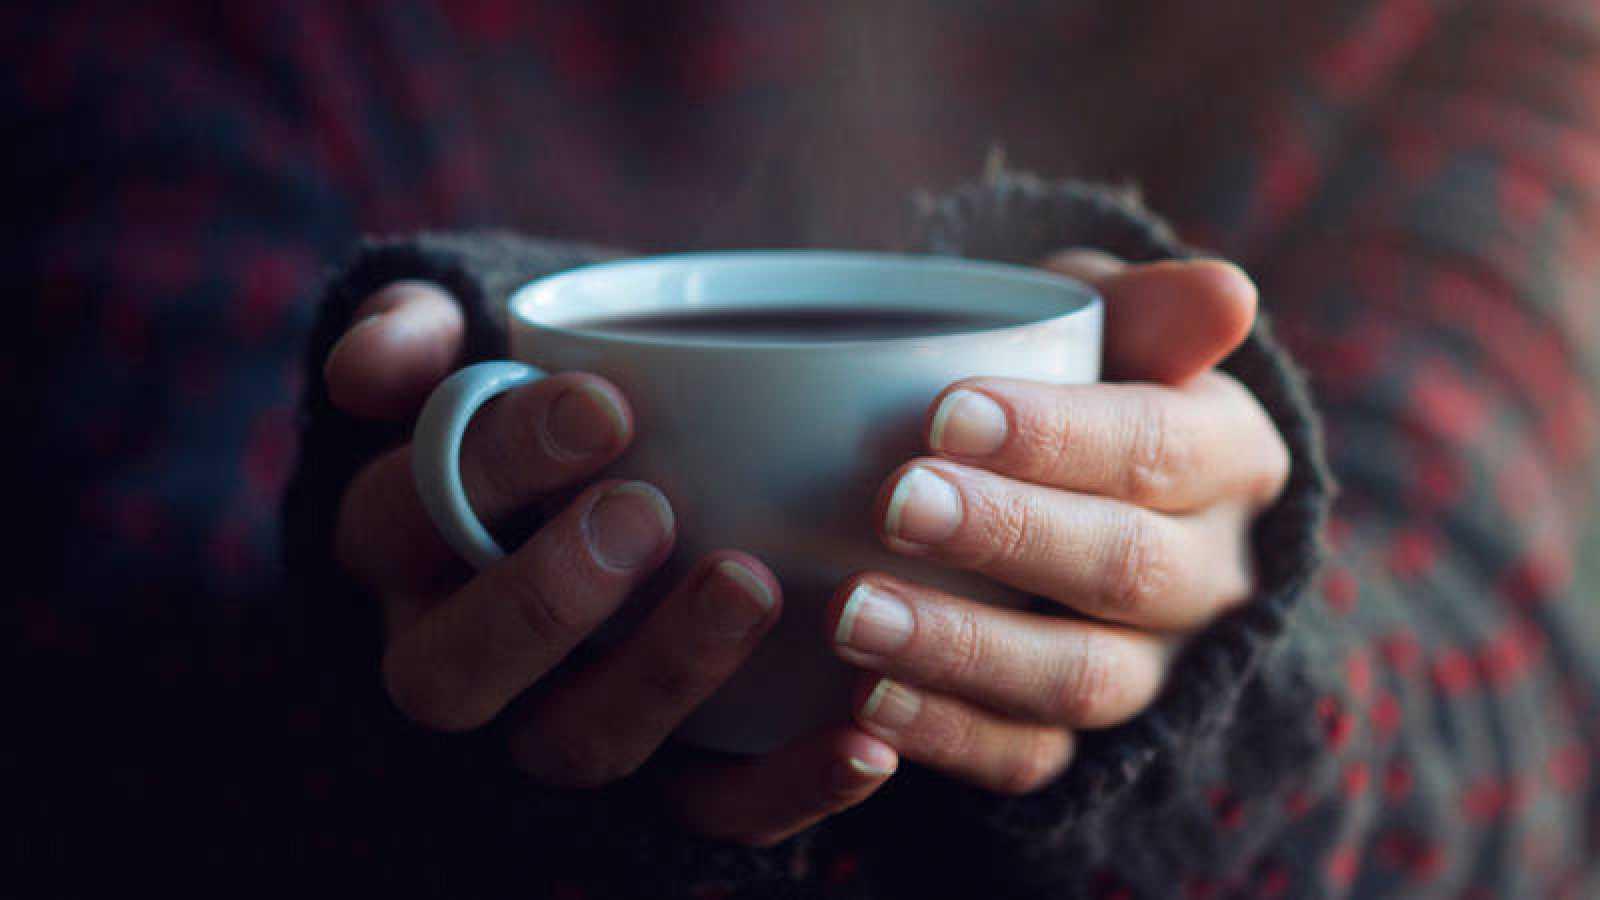 Una mujer sostiene una taza caliente con sus manos